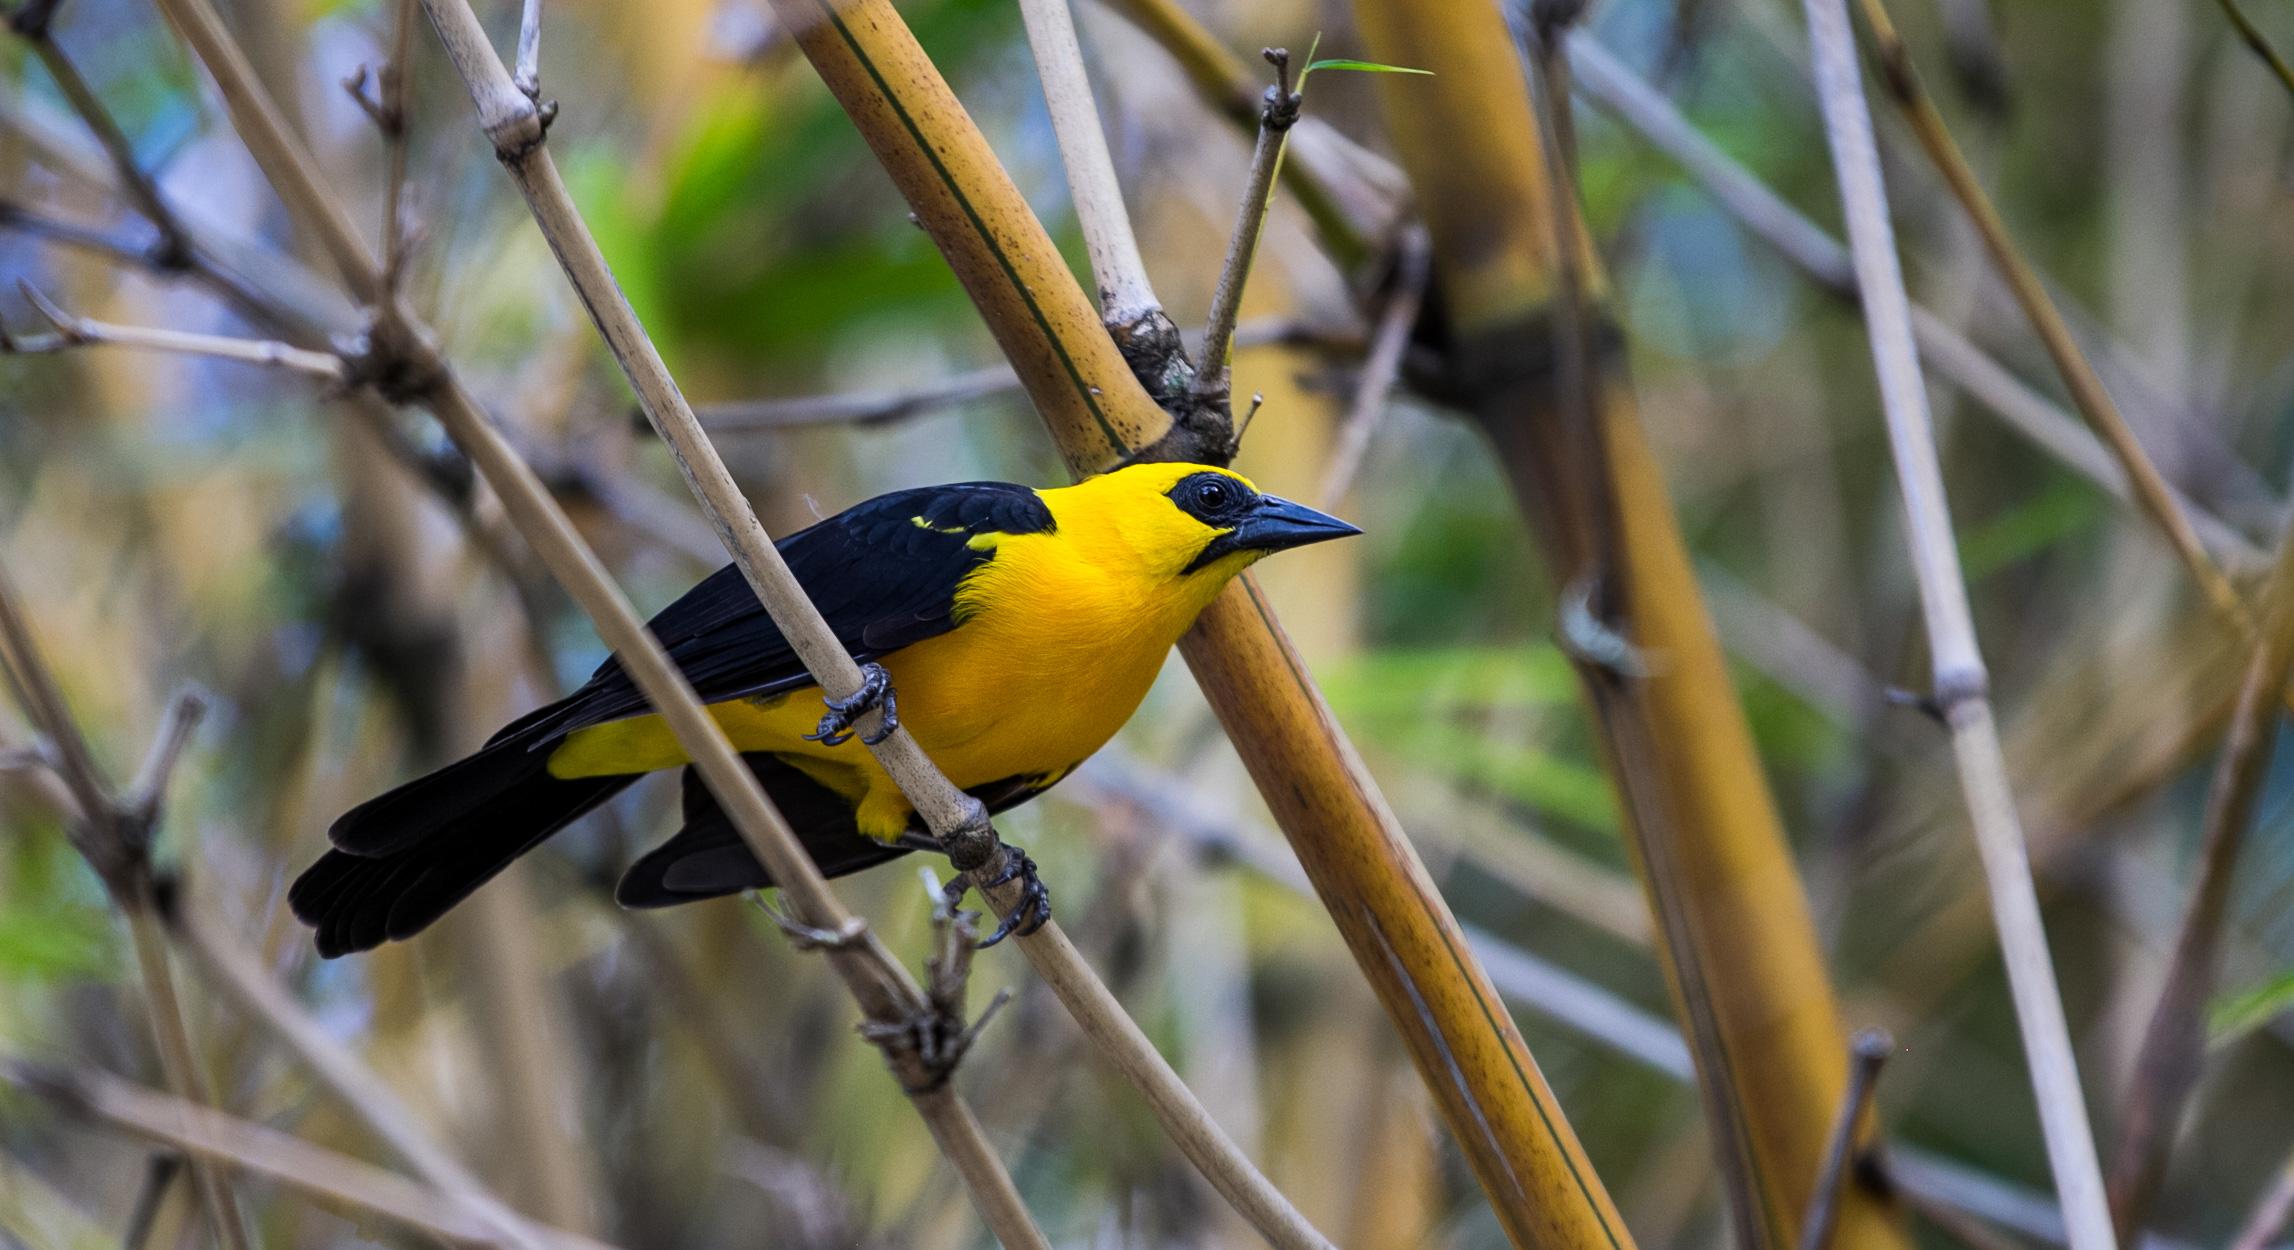 El turpial, ave nacional de Venezuela, vuela en libertad dentro de este parque caraqueño (Foto: Alejandro Ramírez Anderson)